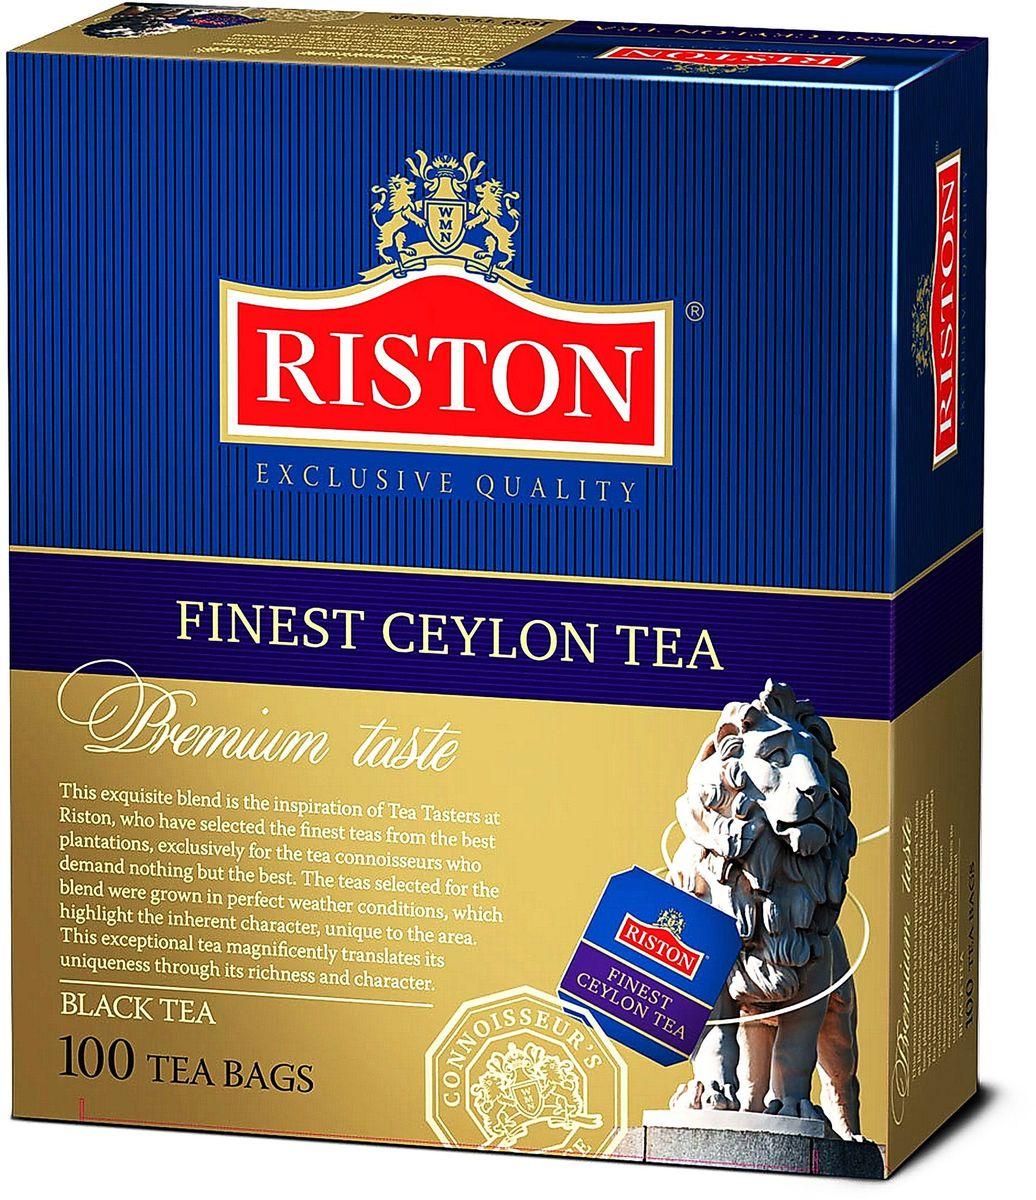 Riston Файнест Цейлон черный чай в пакетиках, 100 шт riston файнест цейлон черный чай в пакетиках 100 шт